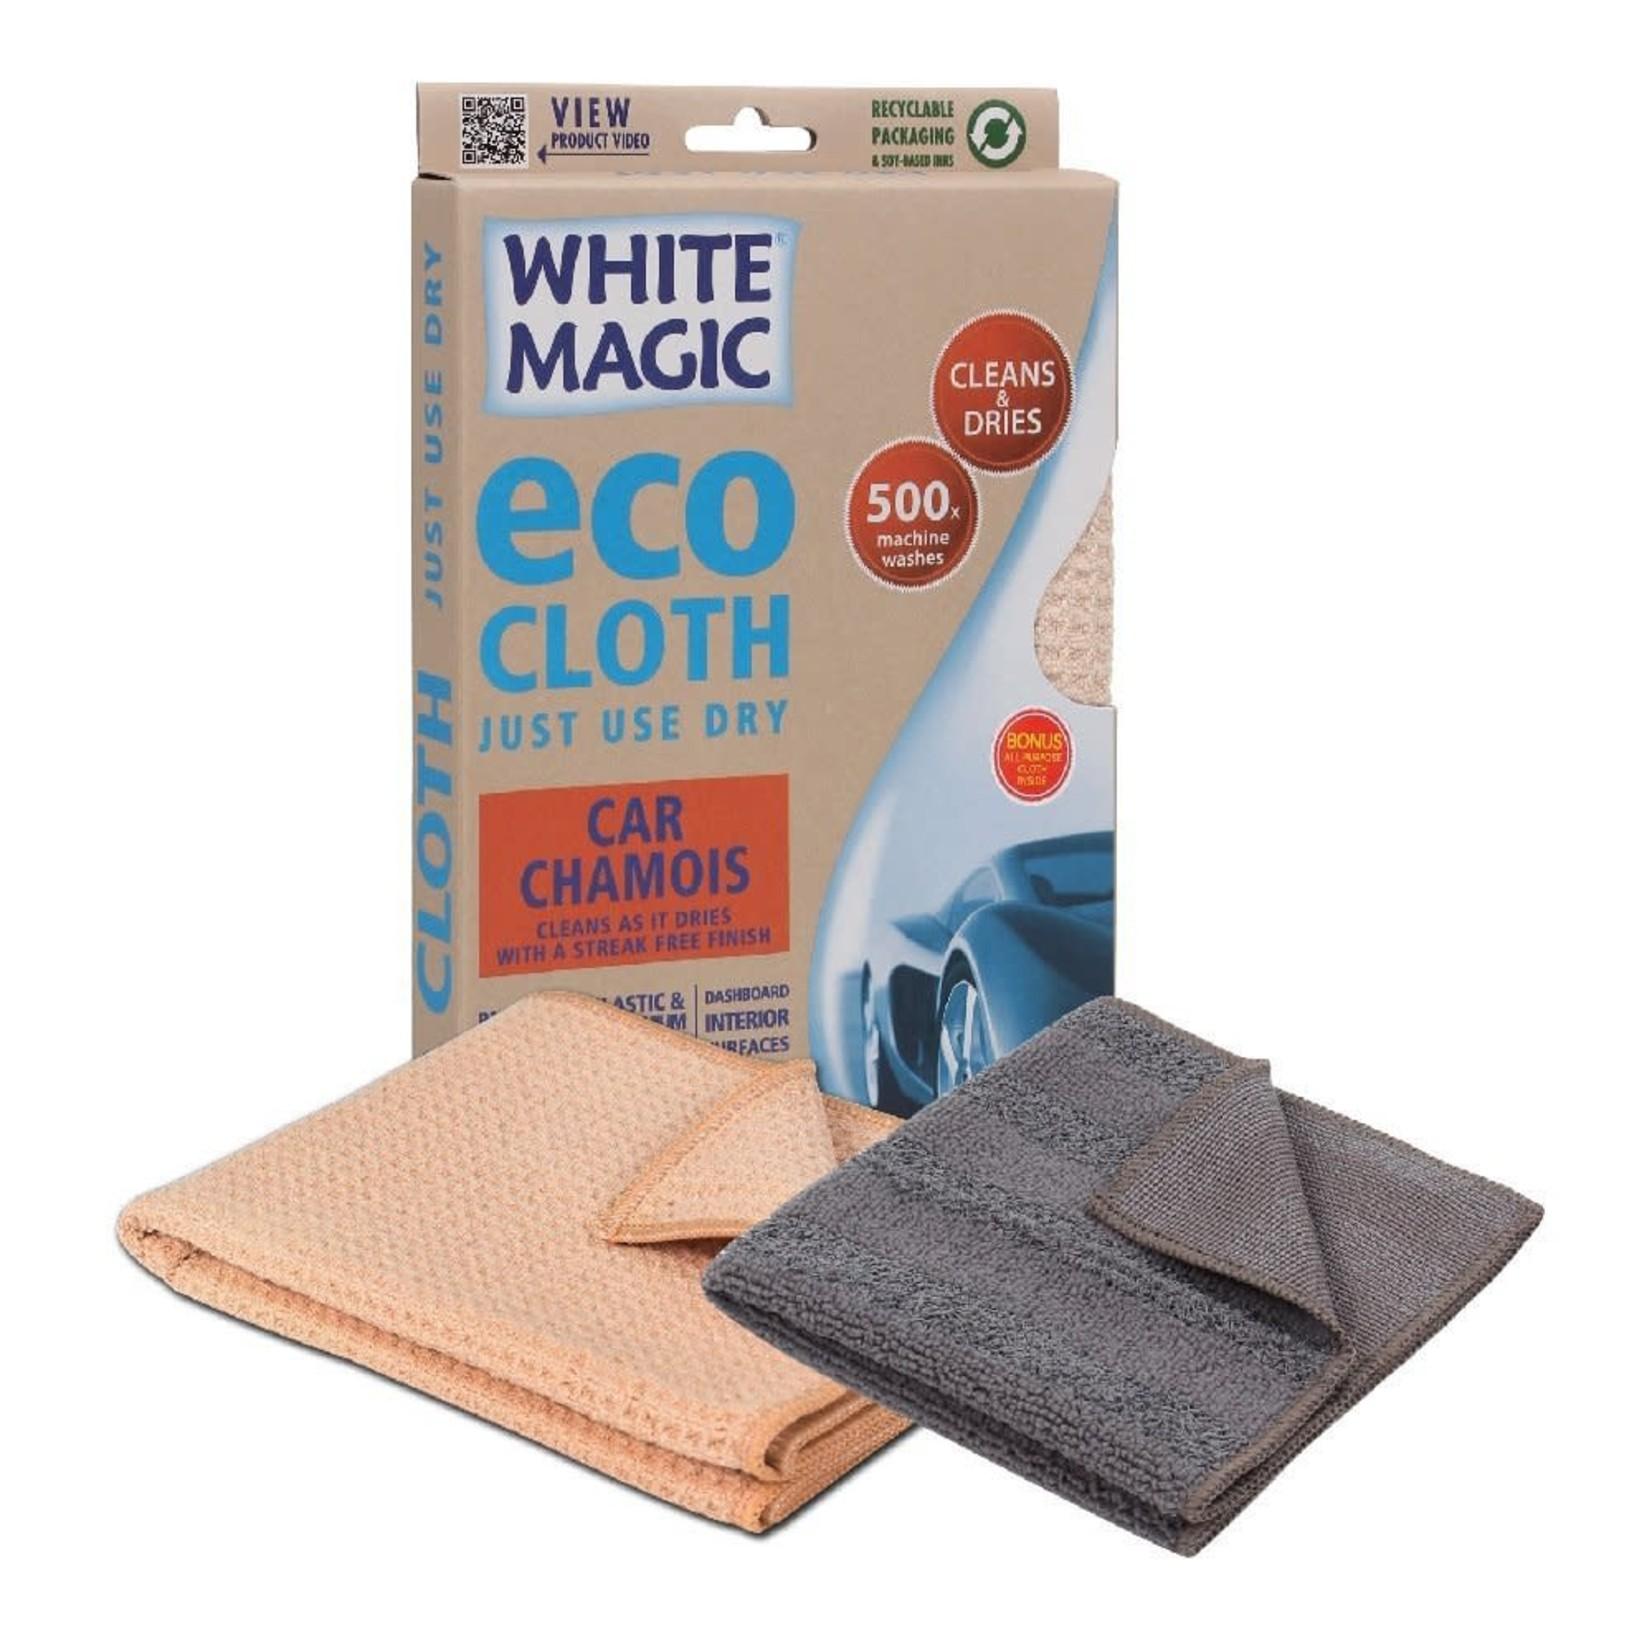 White Magic White Magic Eco Cloth Car Chamois